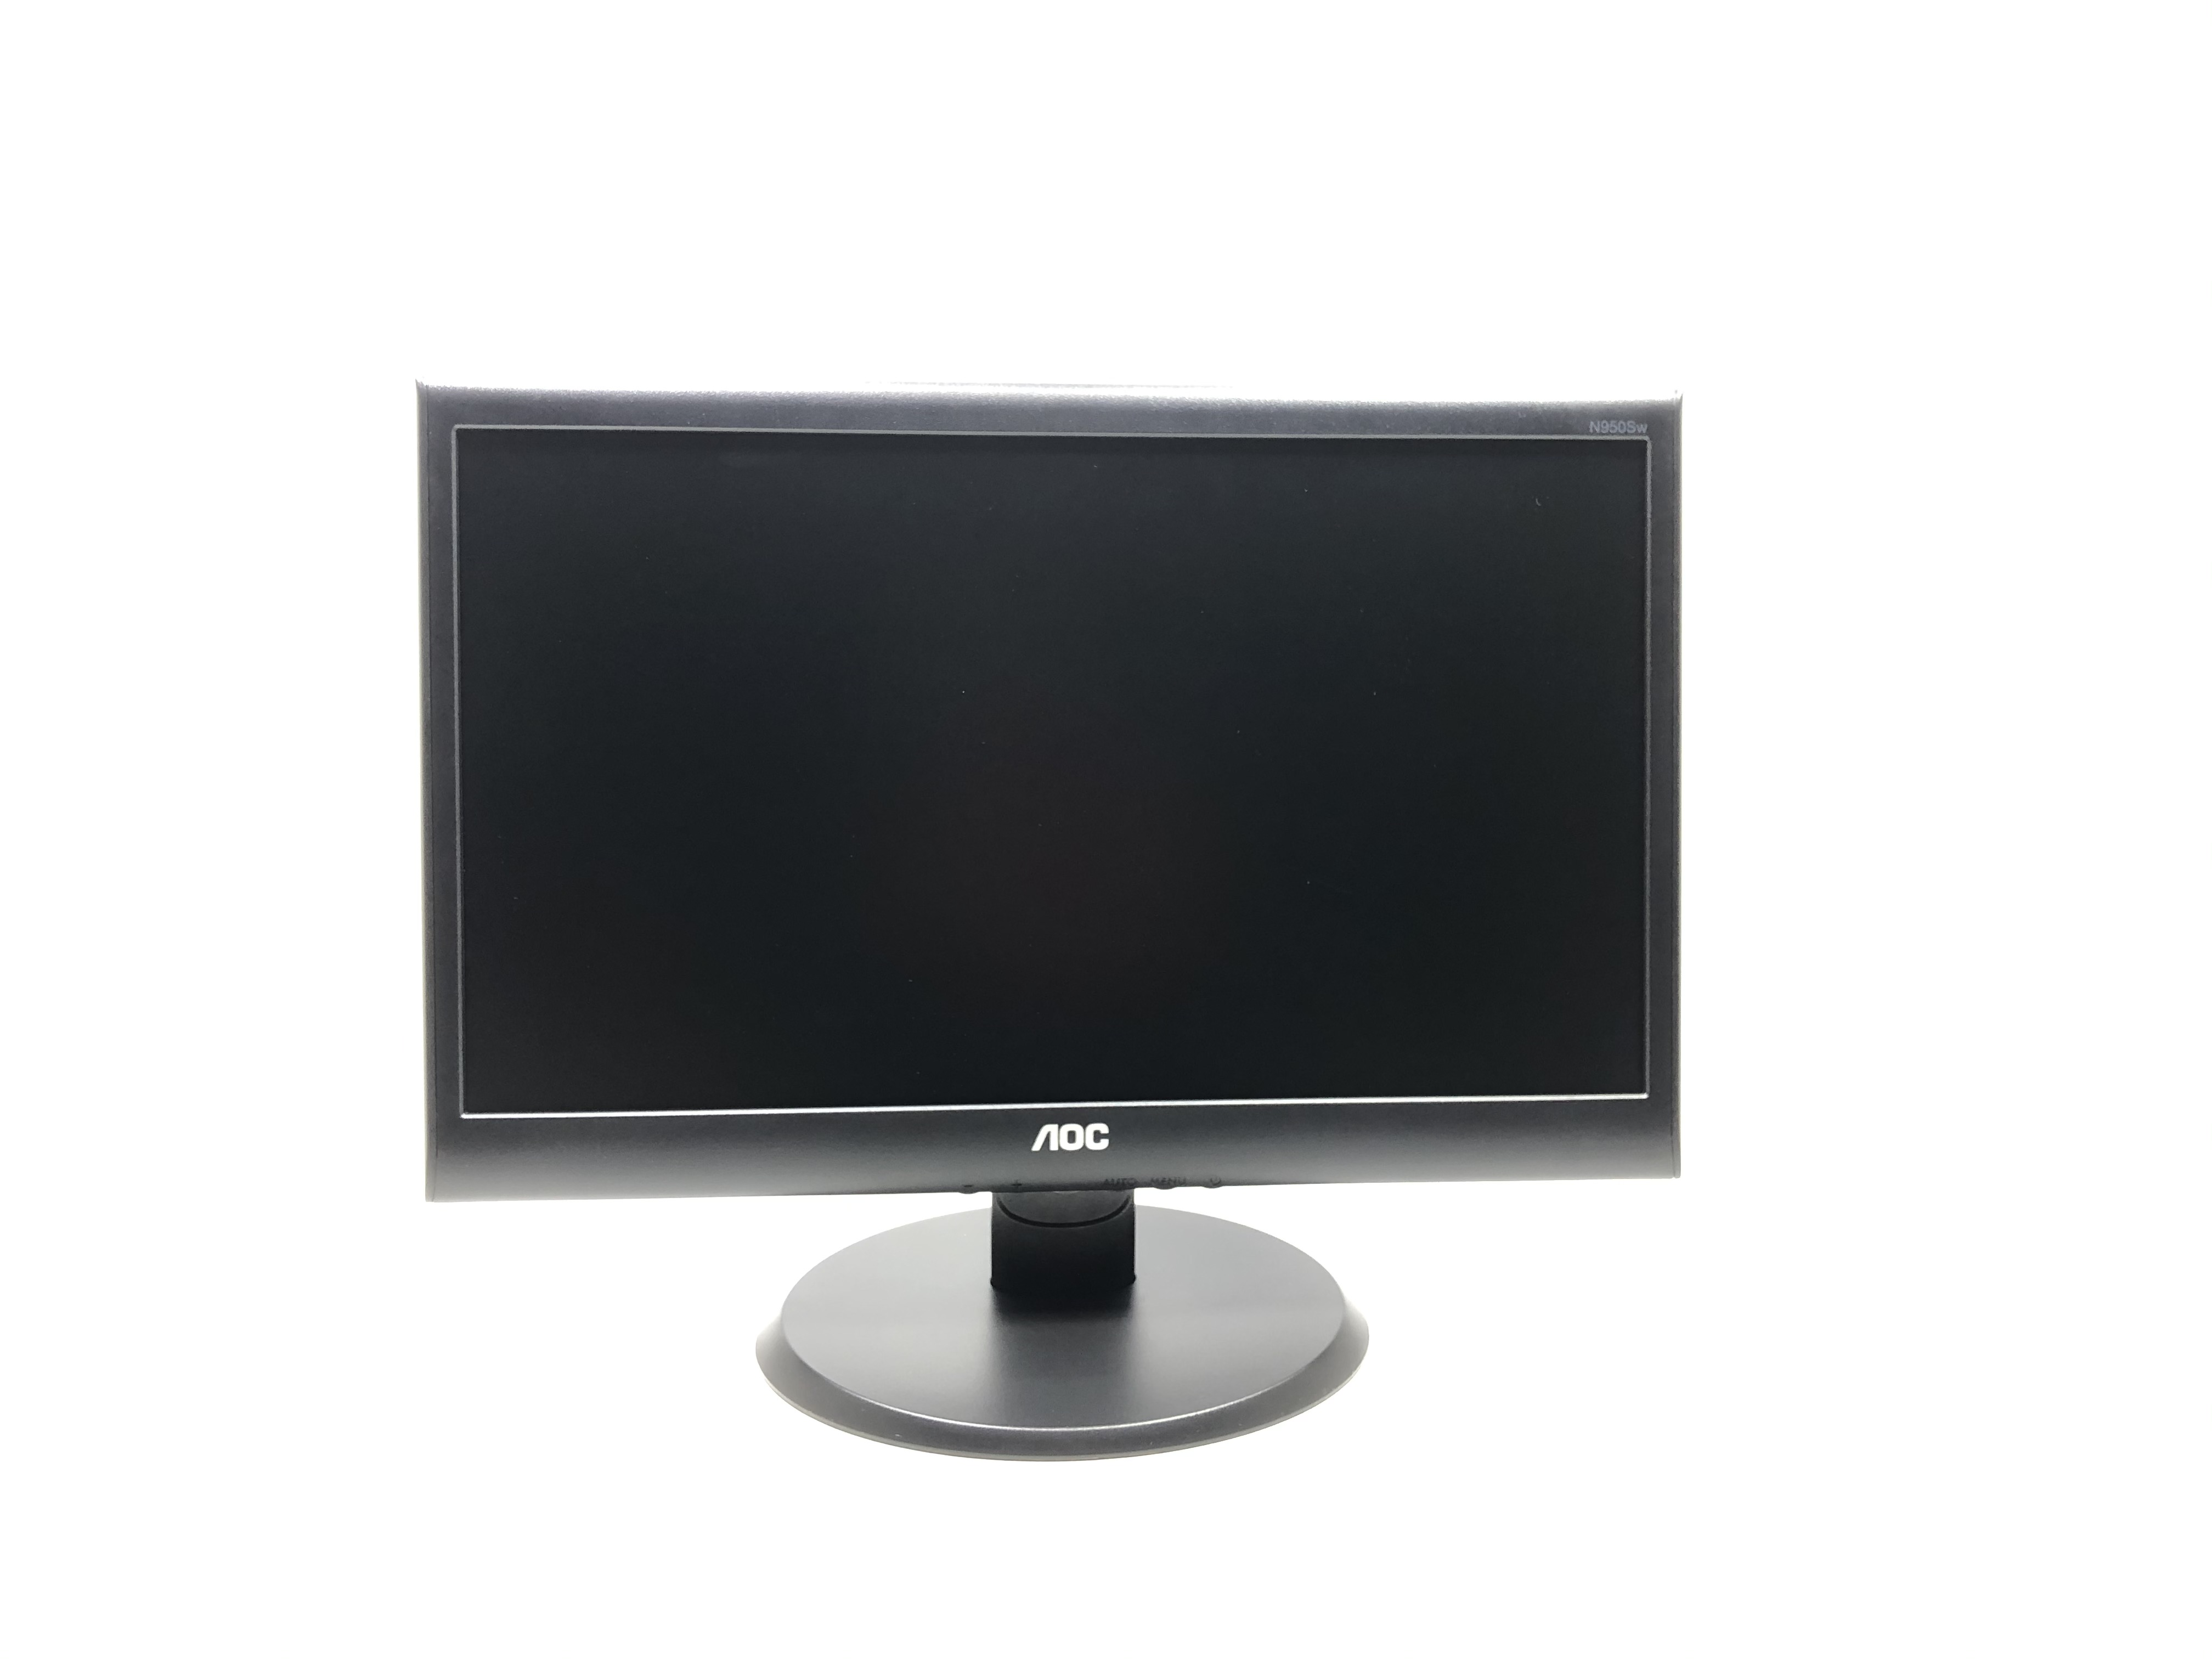 AOC-N950sw - 149408